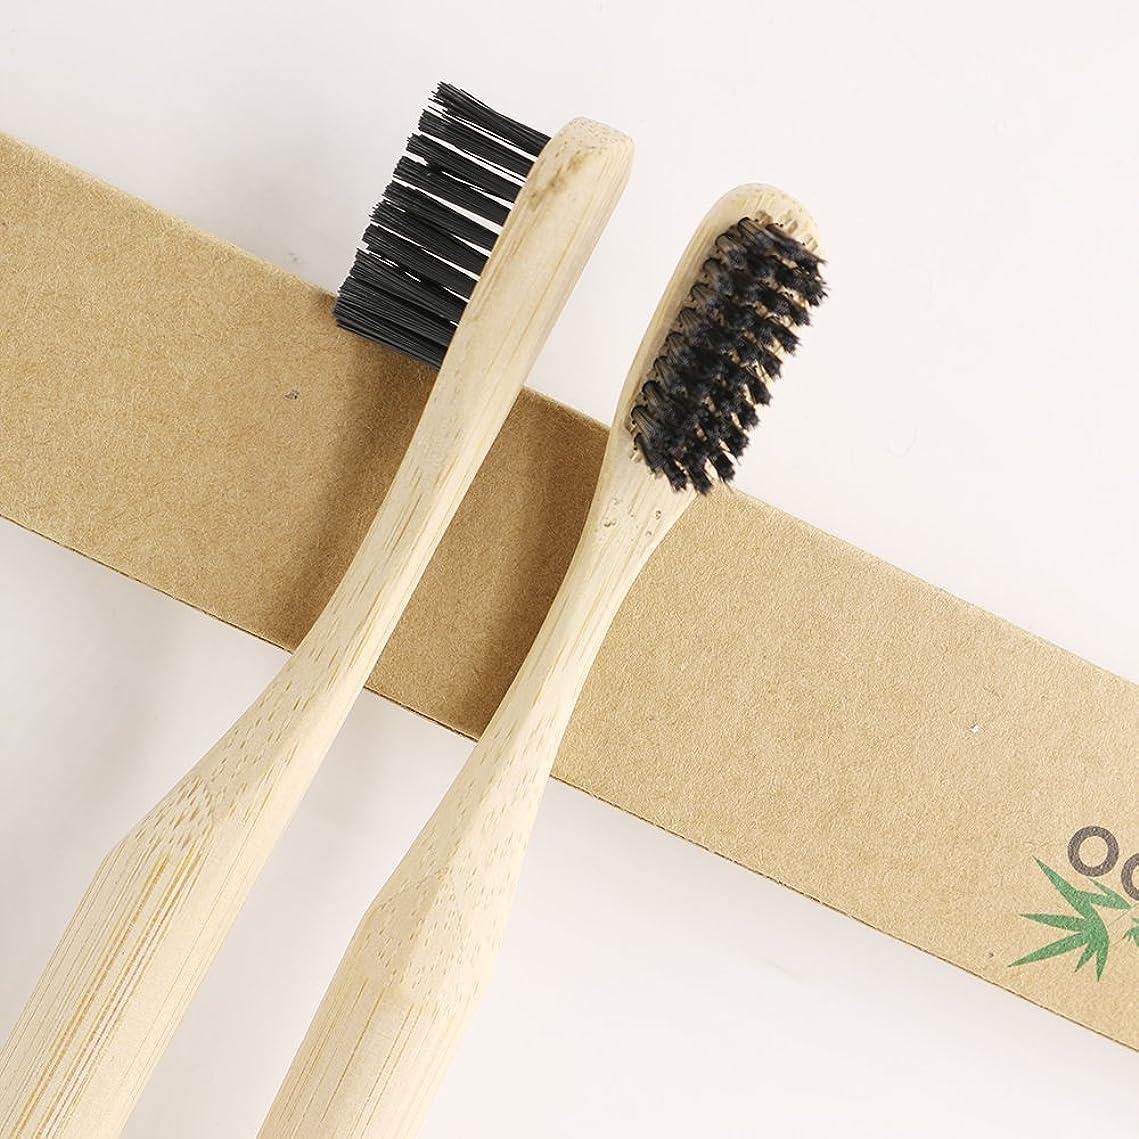 お気に入り乳製品誤N-amboo 竹製耐久度高い 歯ブラシ  2本入り セット 黒い